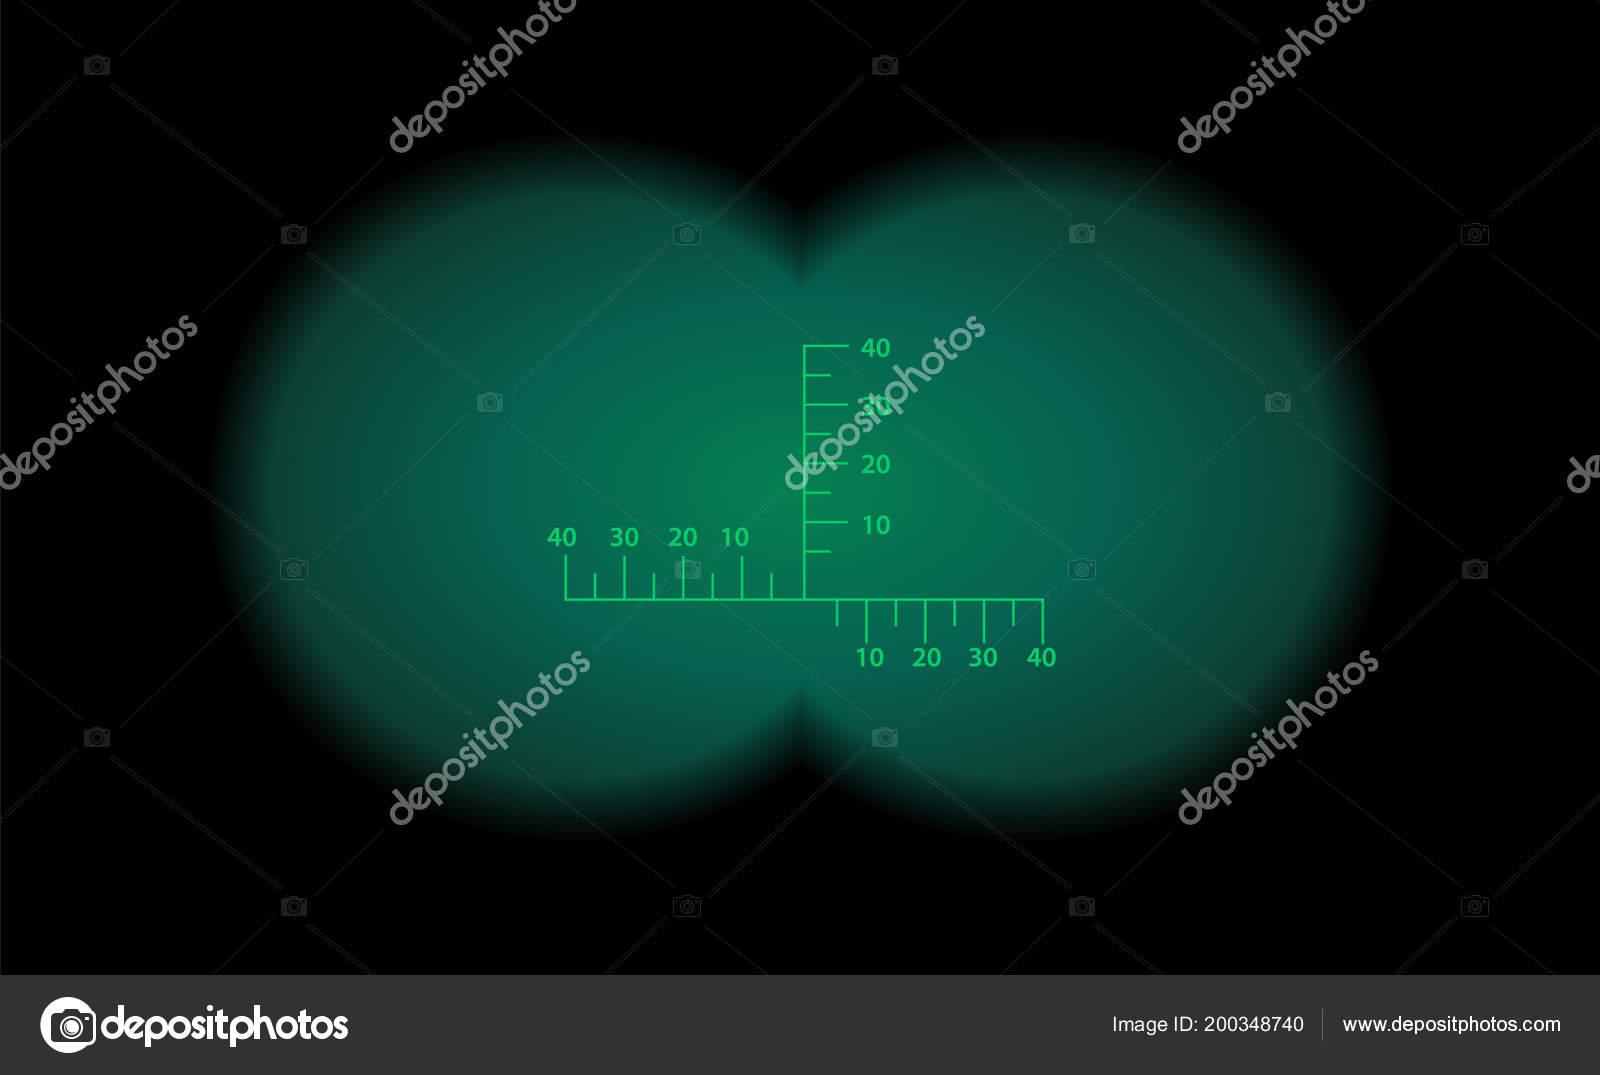 Binokulare ansichtsmaßstab optischen anblick night vision stil der